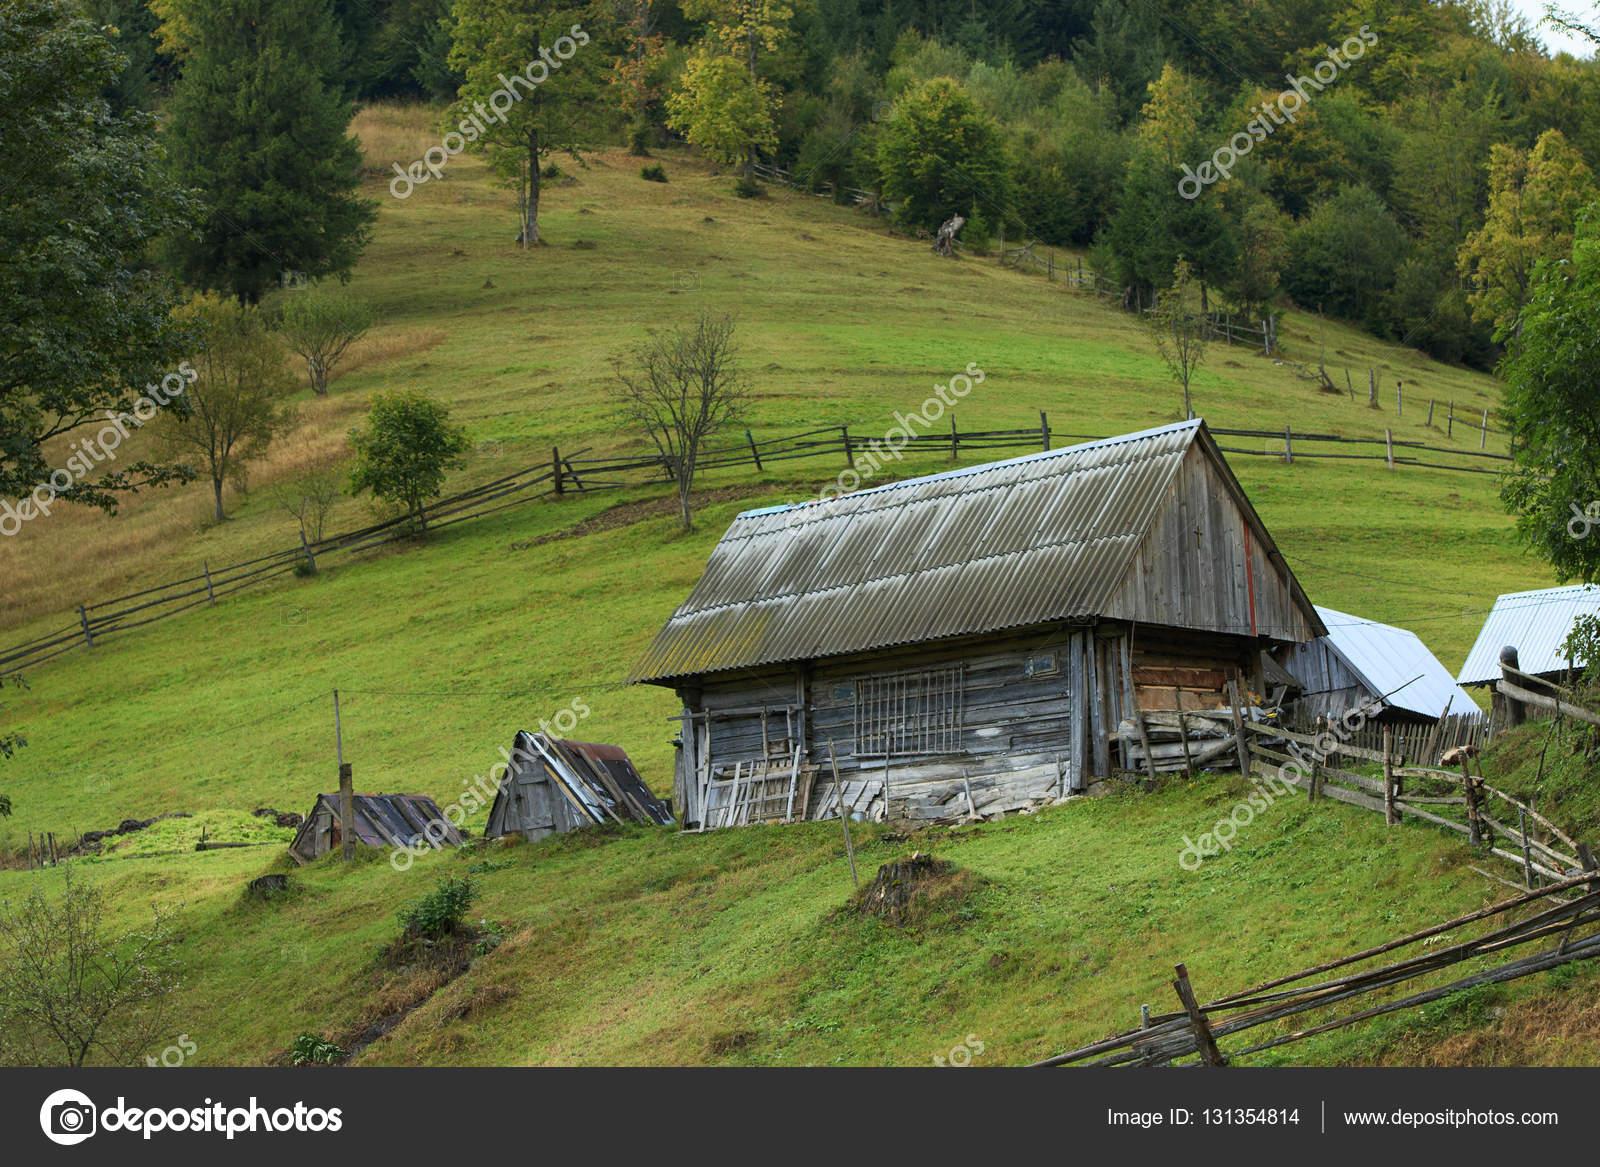 Rustico casa su una collina foto stock vzmaze 131354814 for Piani casa fienile rustico